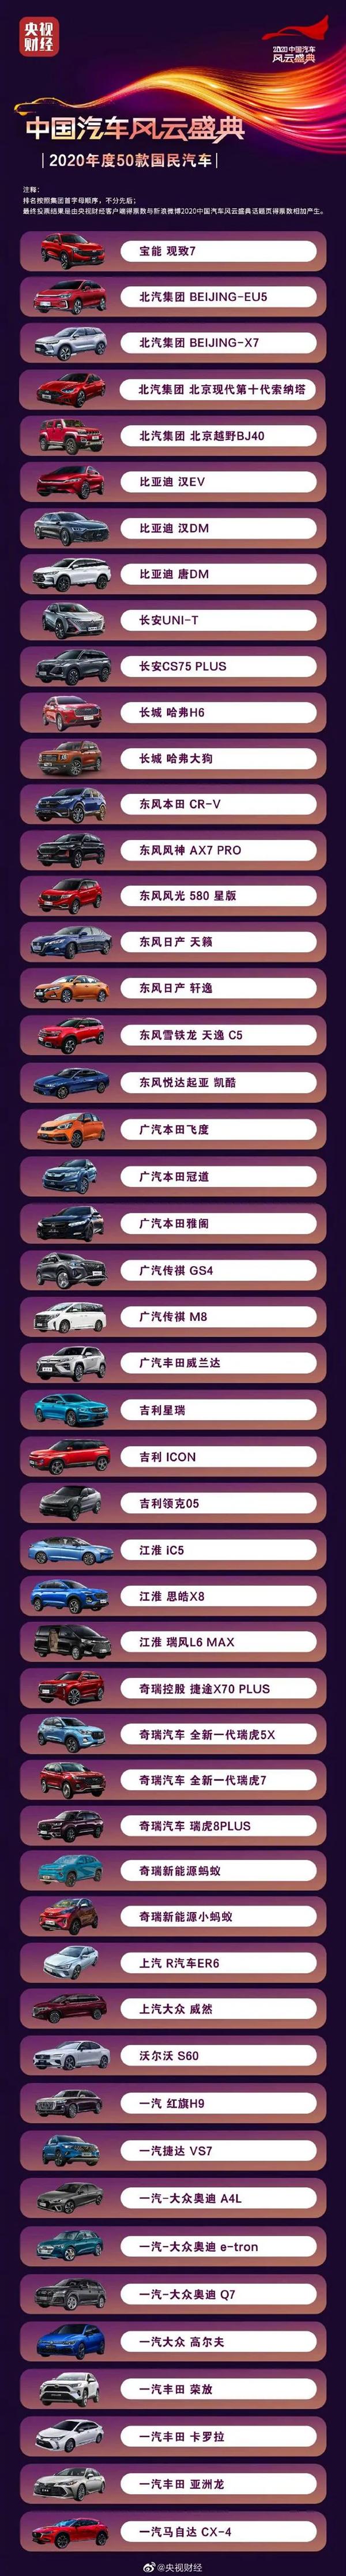 央視2020中國汽車獲獎車型出爐:領克05最佳設計 天籟動力最佳